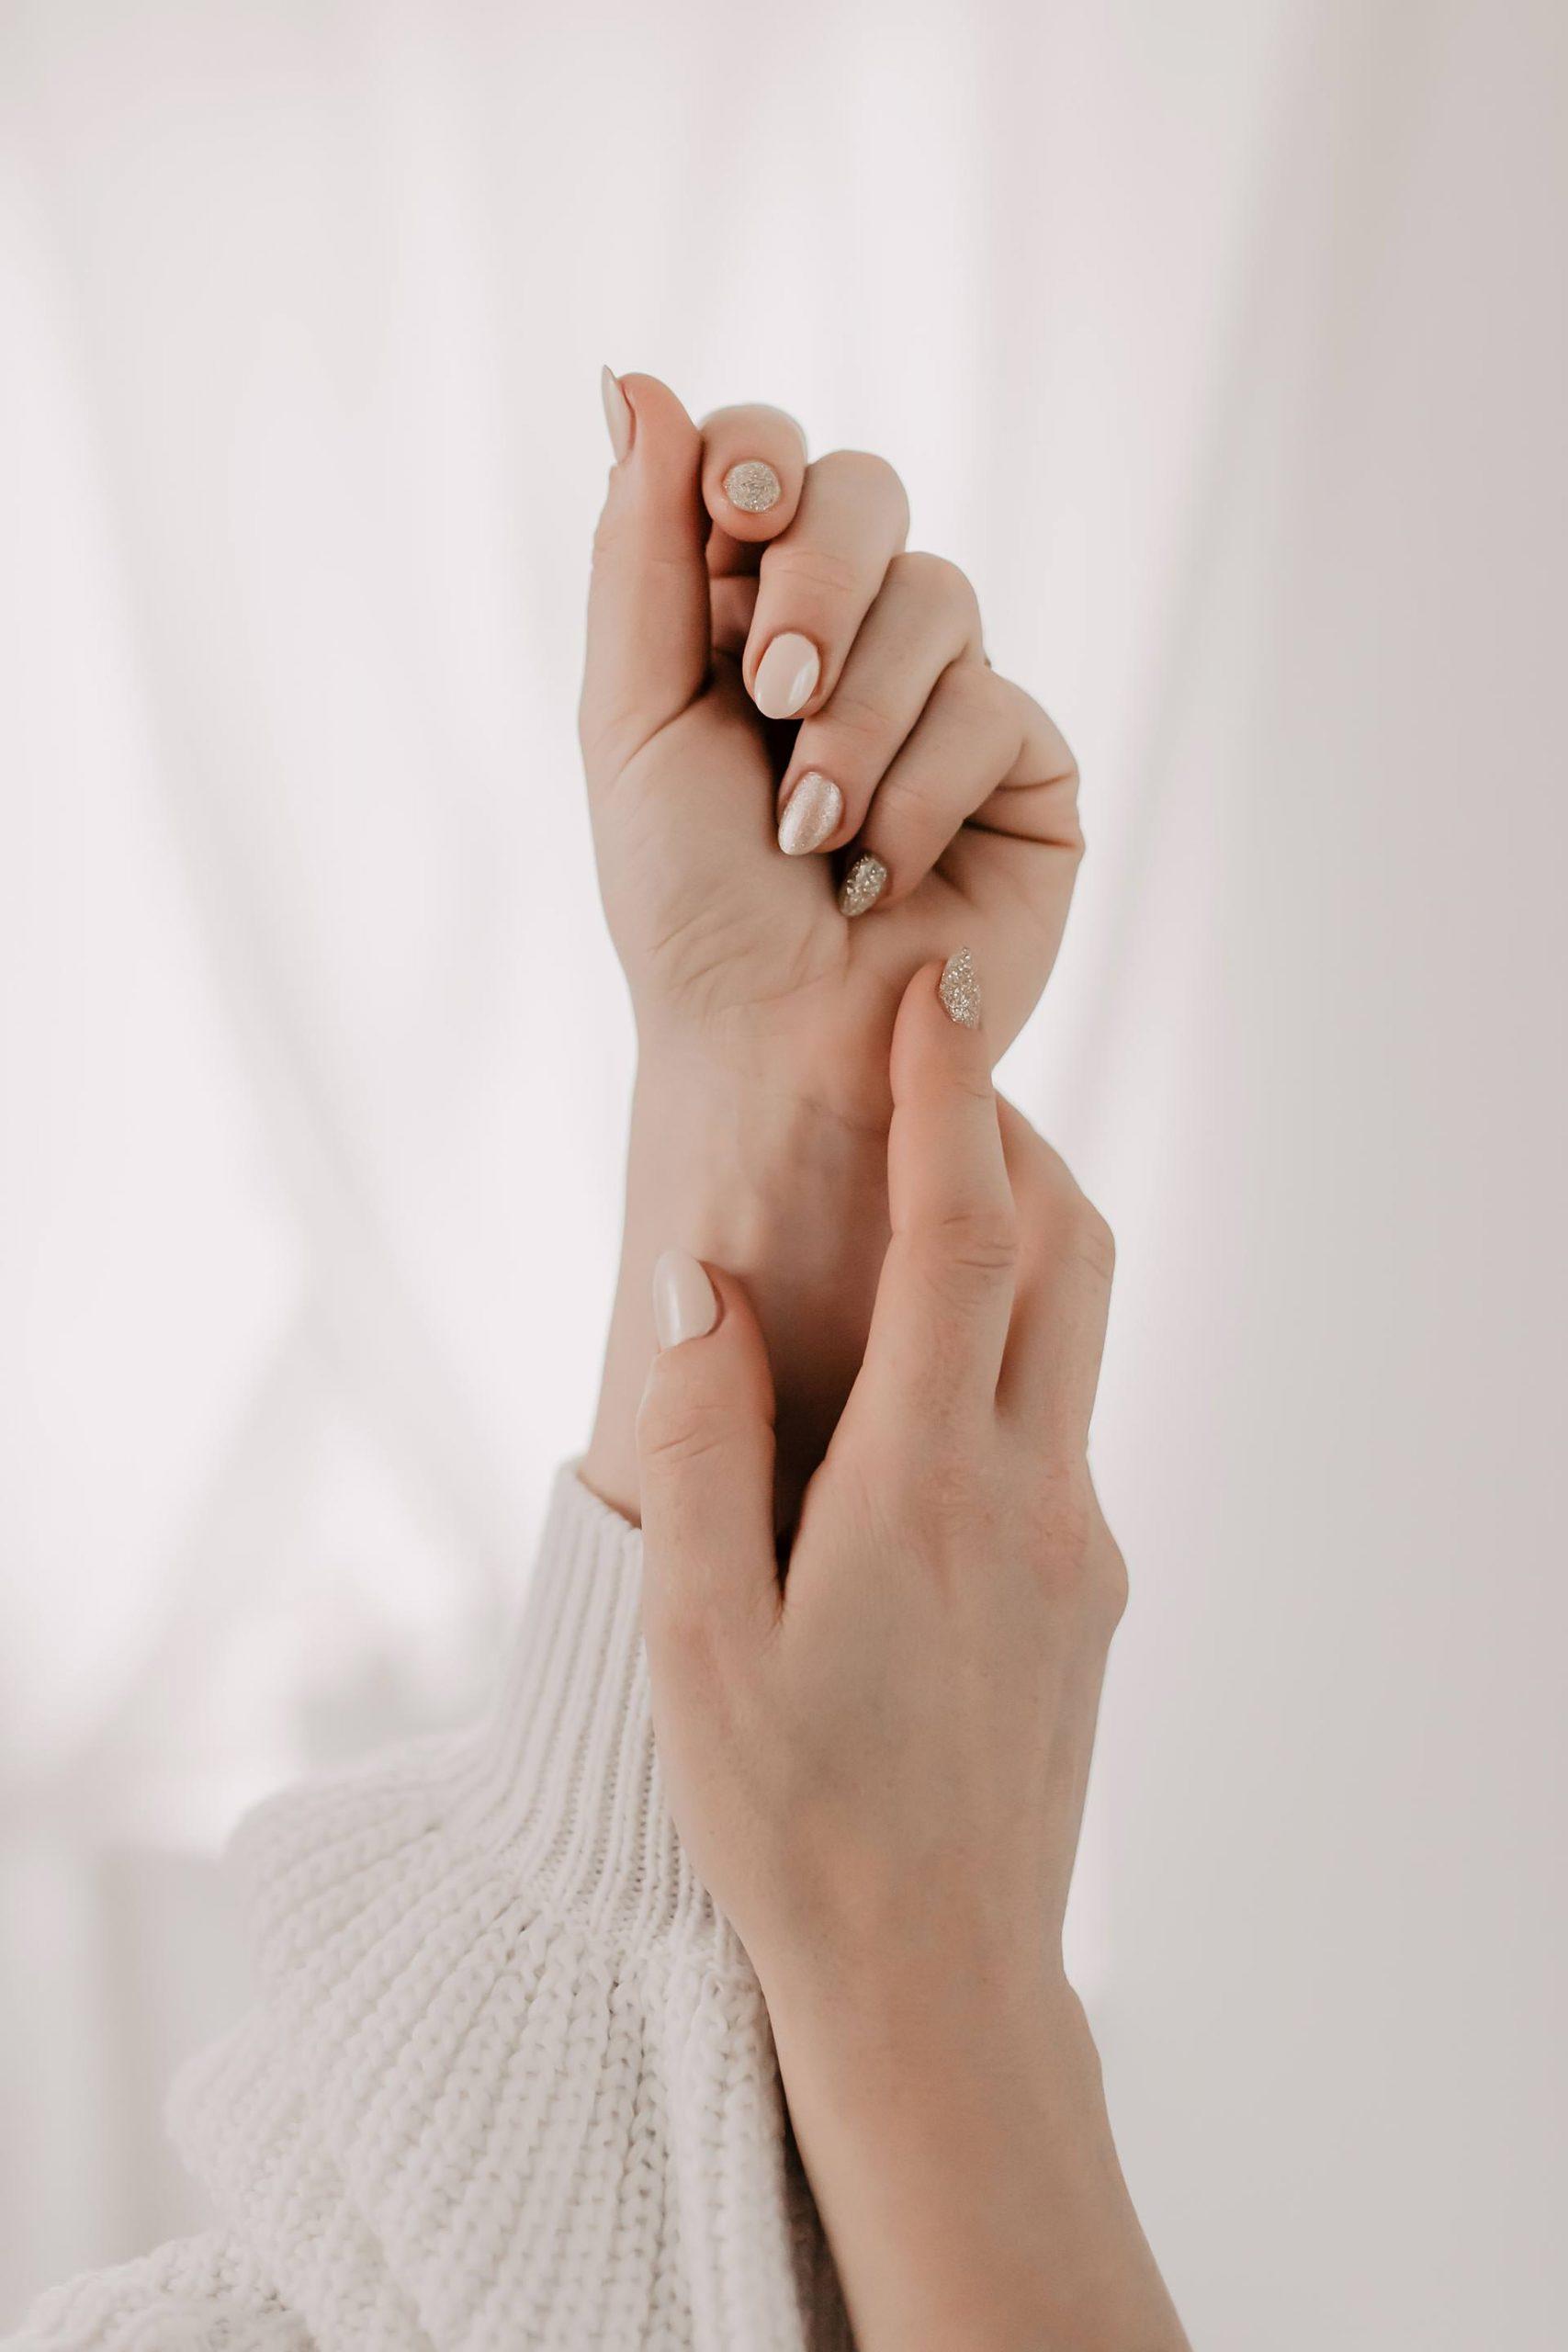 Im Beitrag auf meinem Beautyblog teile ich insgesamt 10 Tipps mit dir. Ich starte mit 5 wertvollen Ratschlägen für die Handpflege im Winter und gehe danach auf 5 weitere Hinweise für schöne Nägel an kalten Tagen ein. Jede Menge Pflegetipps und Beautytricks auf www.whoismocca.com #handpflege #nagelpflege #pflegetipps